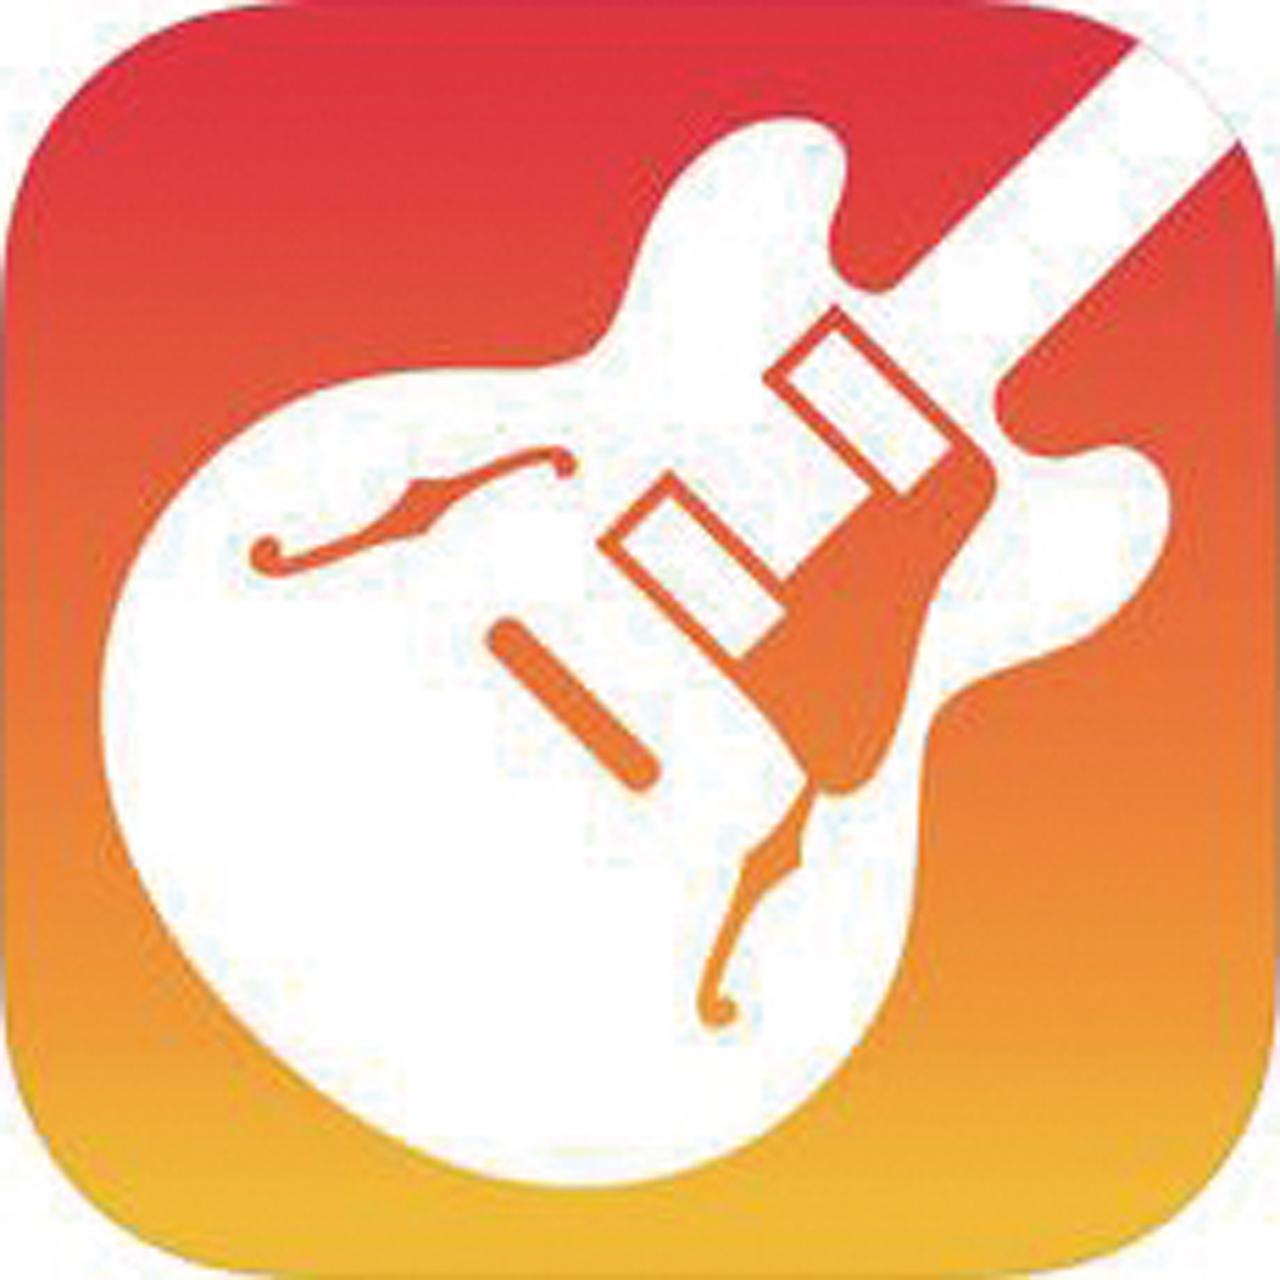 画像1: 【無料楽器アプリ】バイオリンやドラムを演奏! 1人バンドを実現!おすすめ4選はコレだ